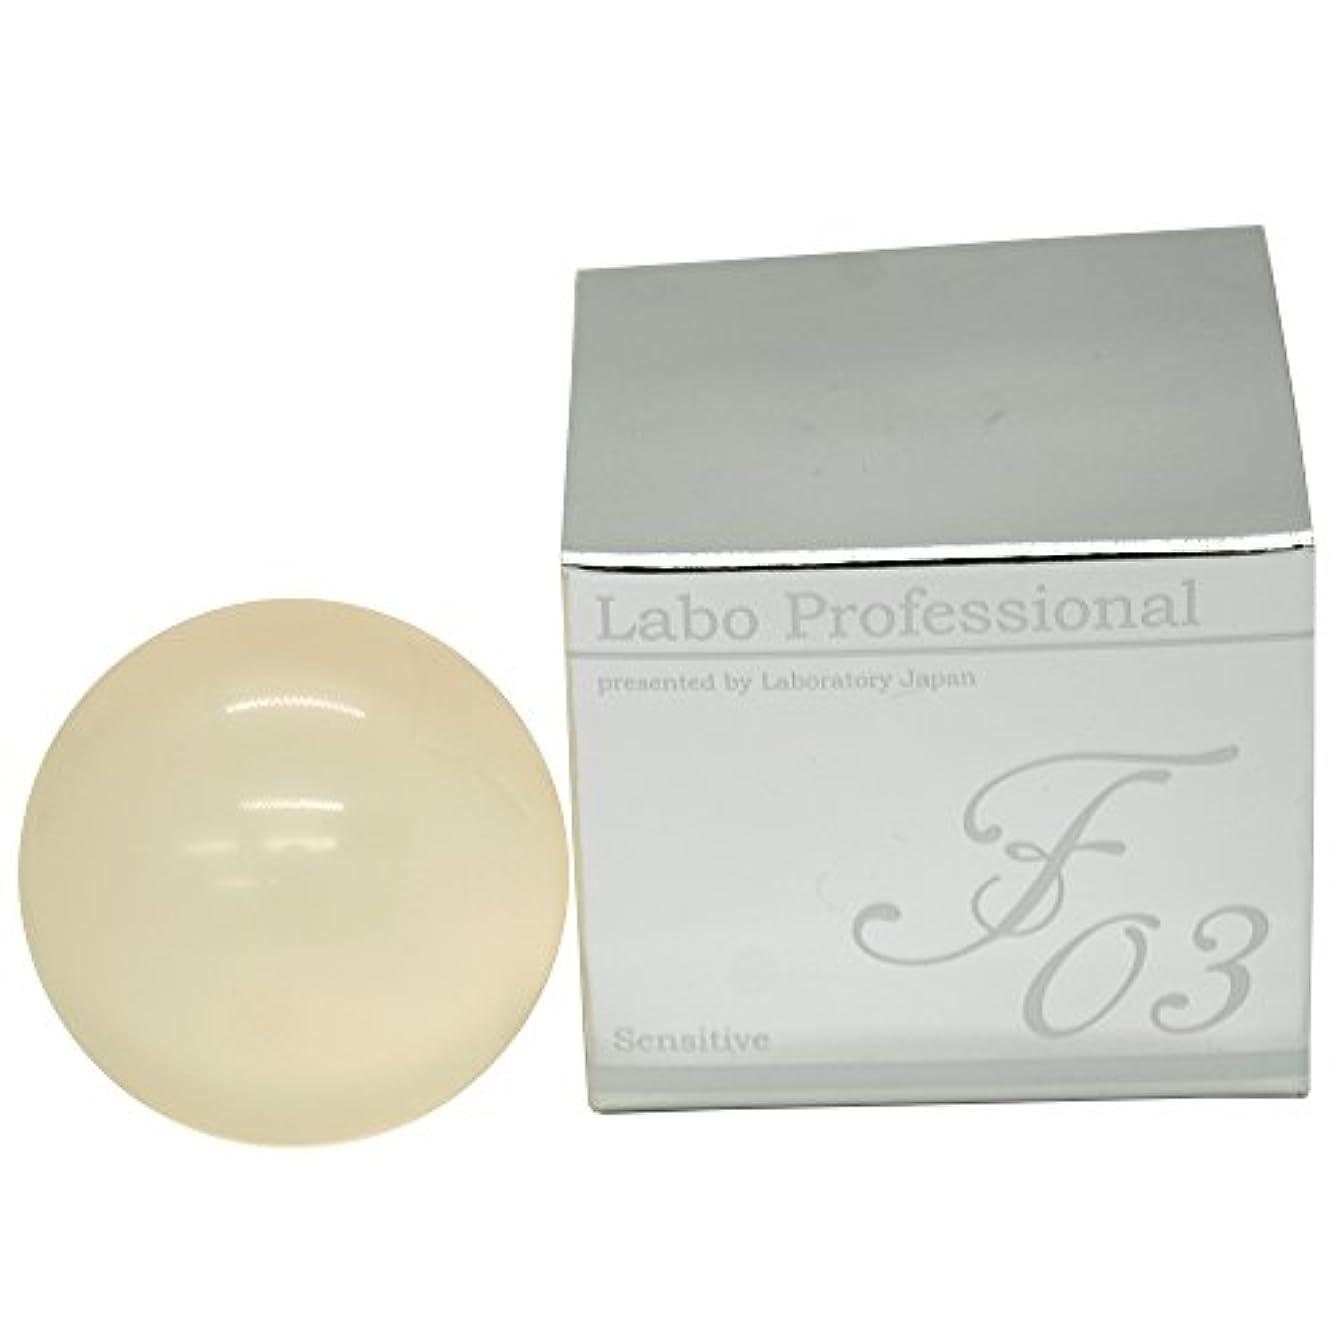 ピザ滅多コンピューター日本製【真性フコイダン配合】赤ちゃんから使える 敏感肌向け美容石鹸 Labo Professional F03